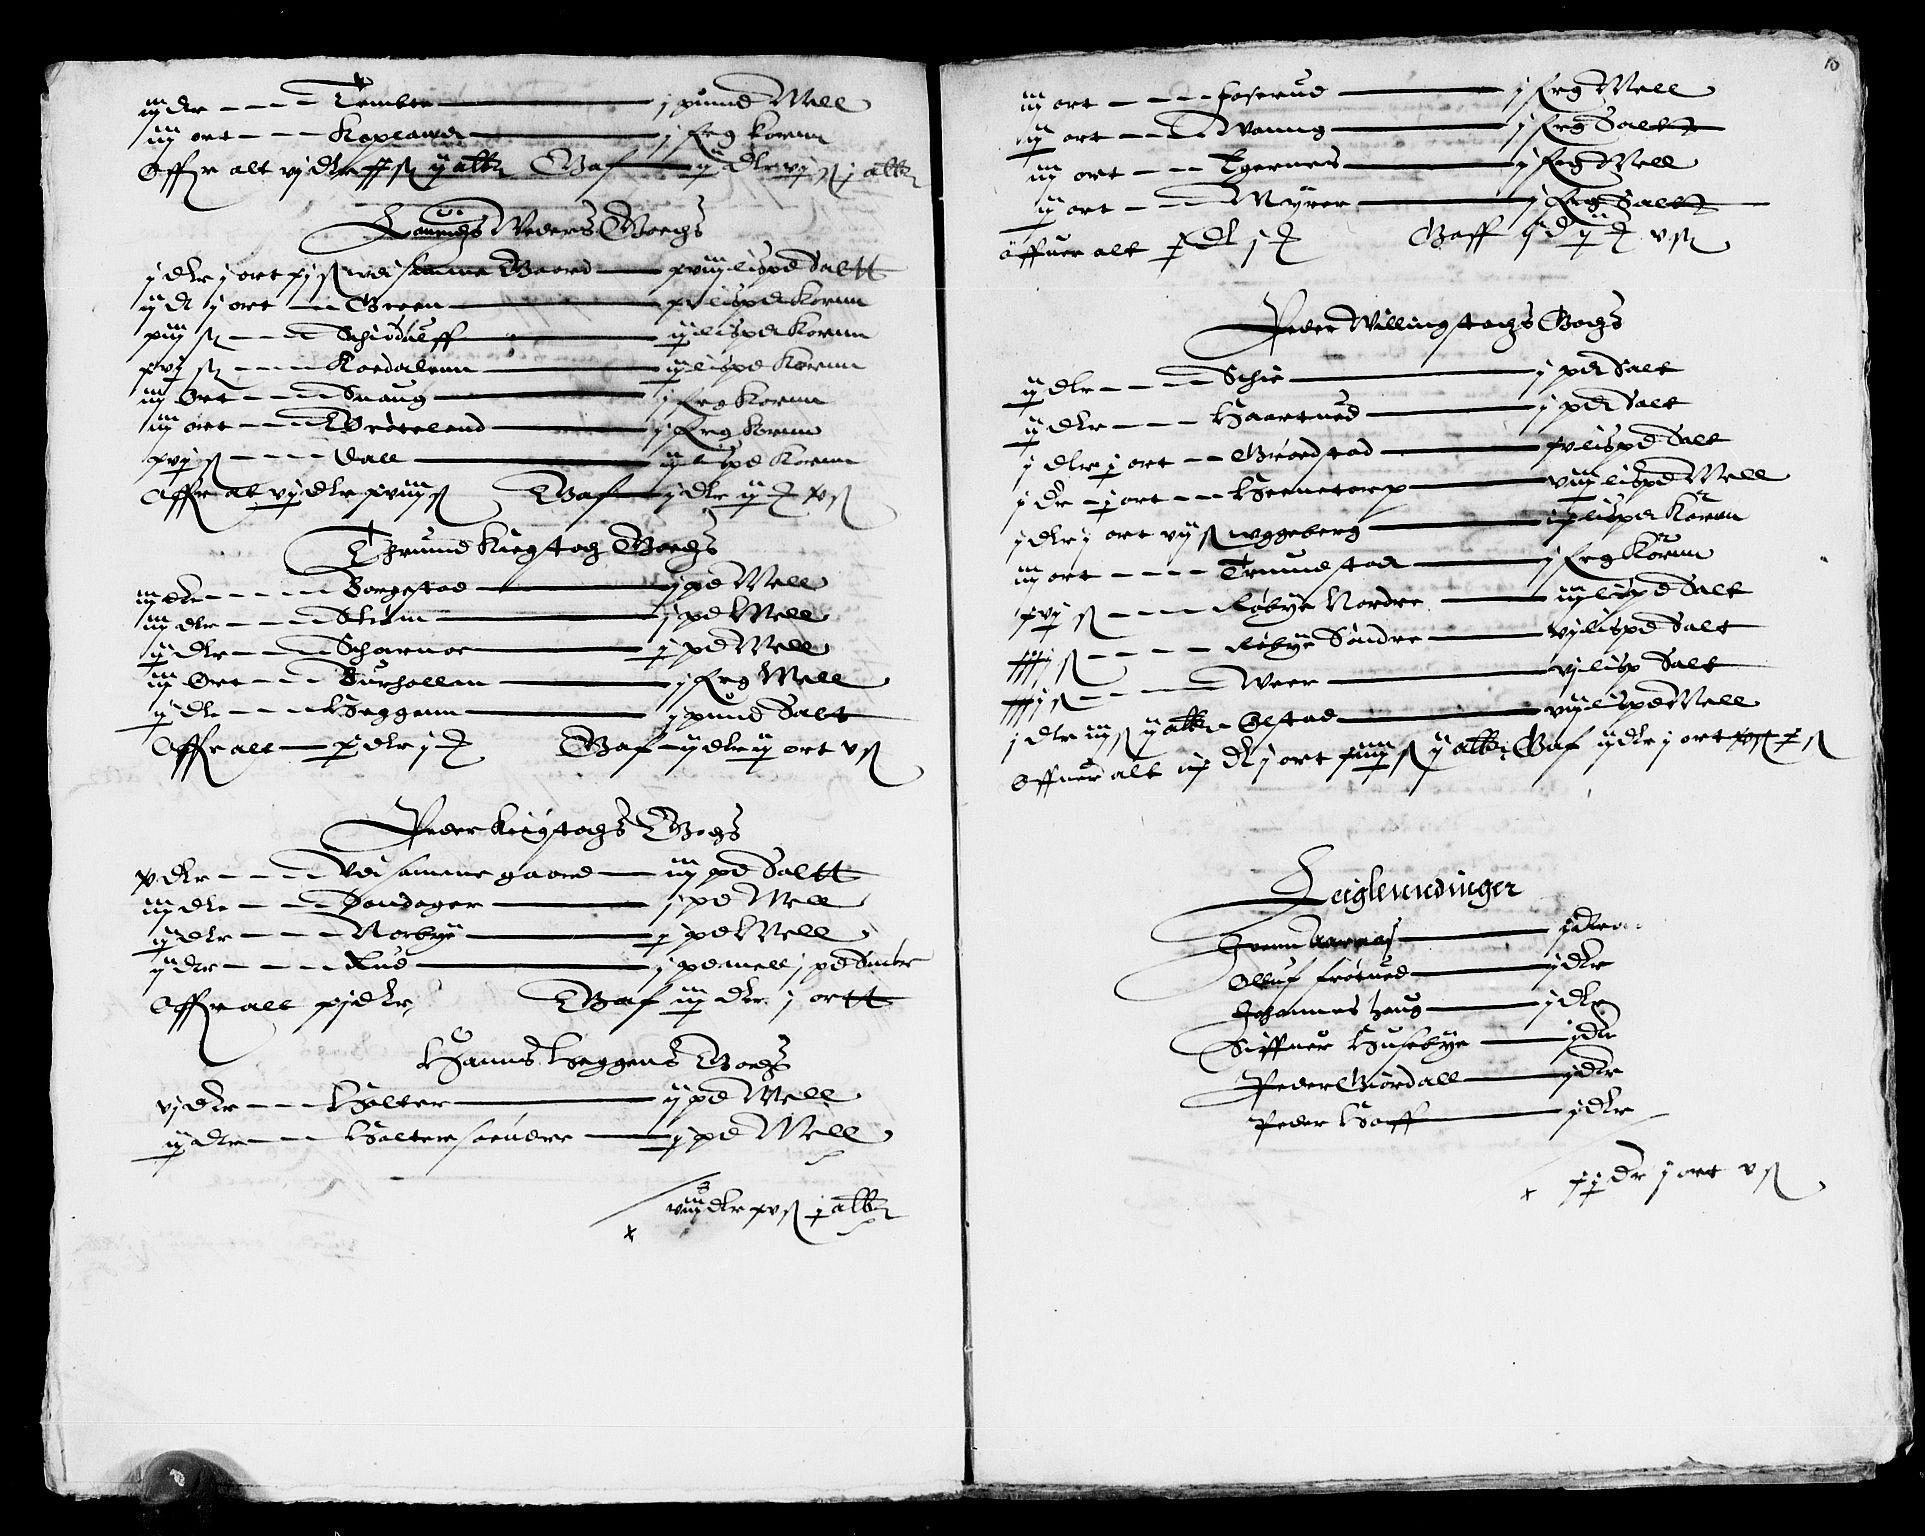 RA, Rentekammeret inntil 1814, Reviderte regnskaper, Lensregnskaper, R/Rb/Rba/L0037: Akershus len, 1611-1616